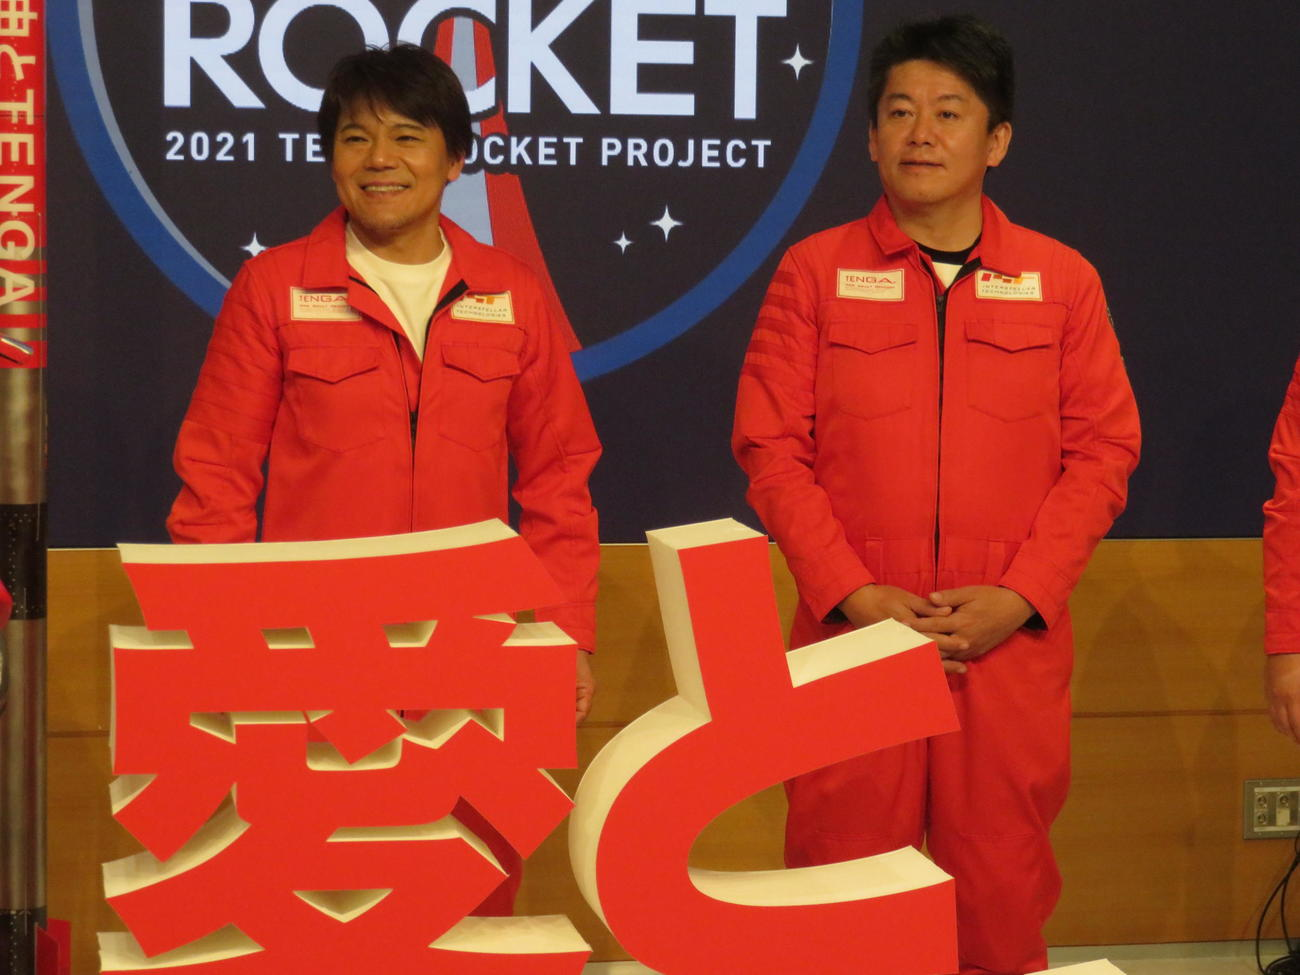 プロジェクトを発表するTENGAの松本光一社長(左)と堀江貴文氏